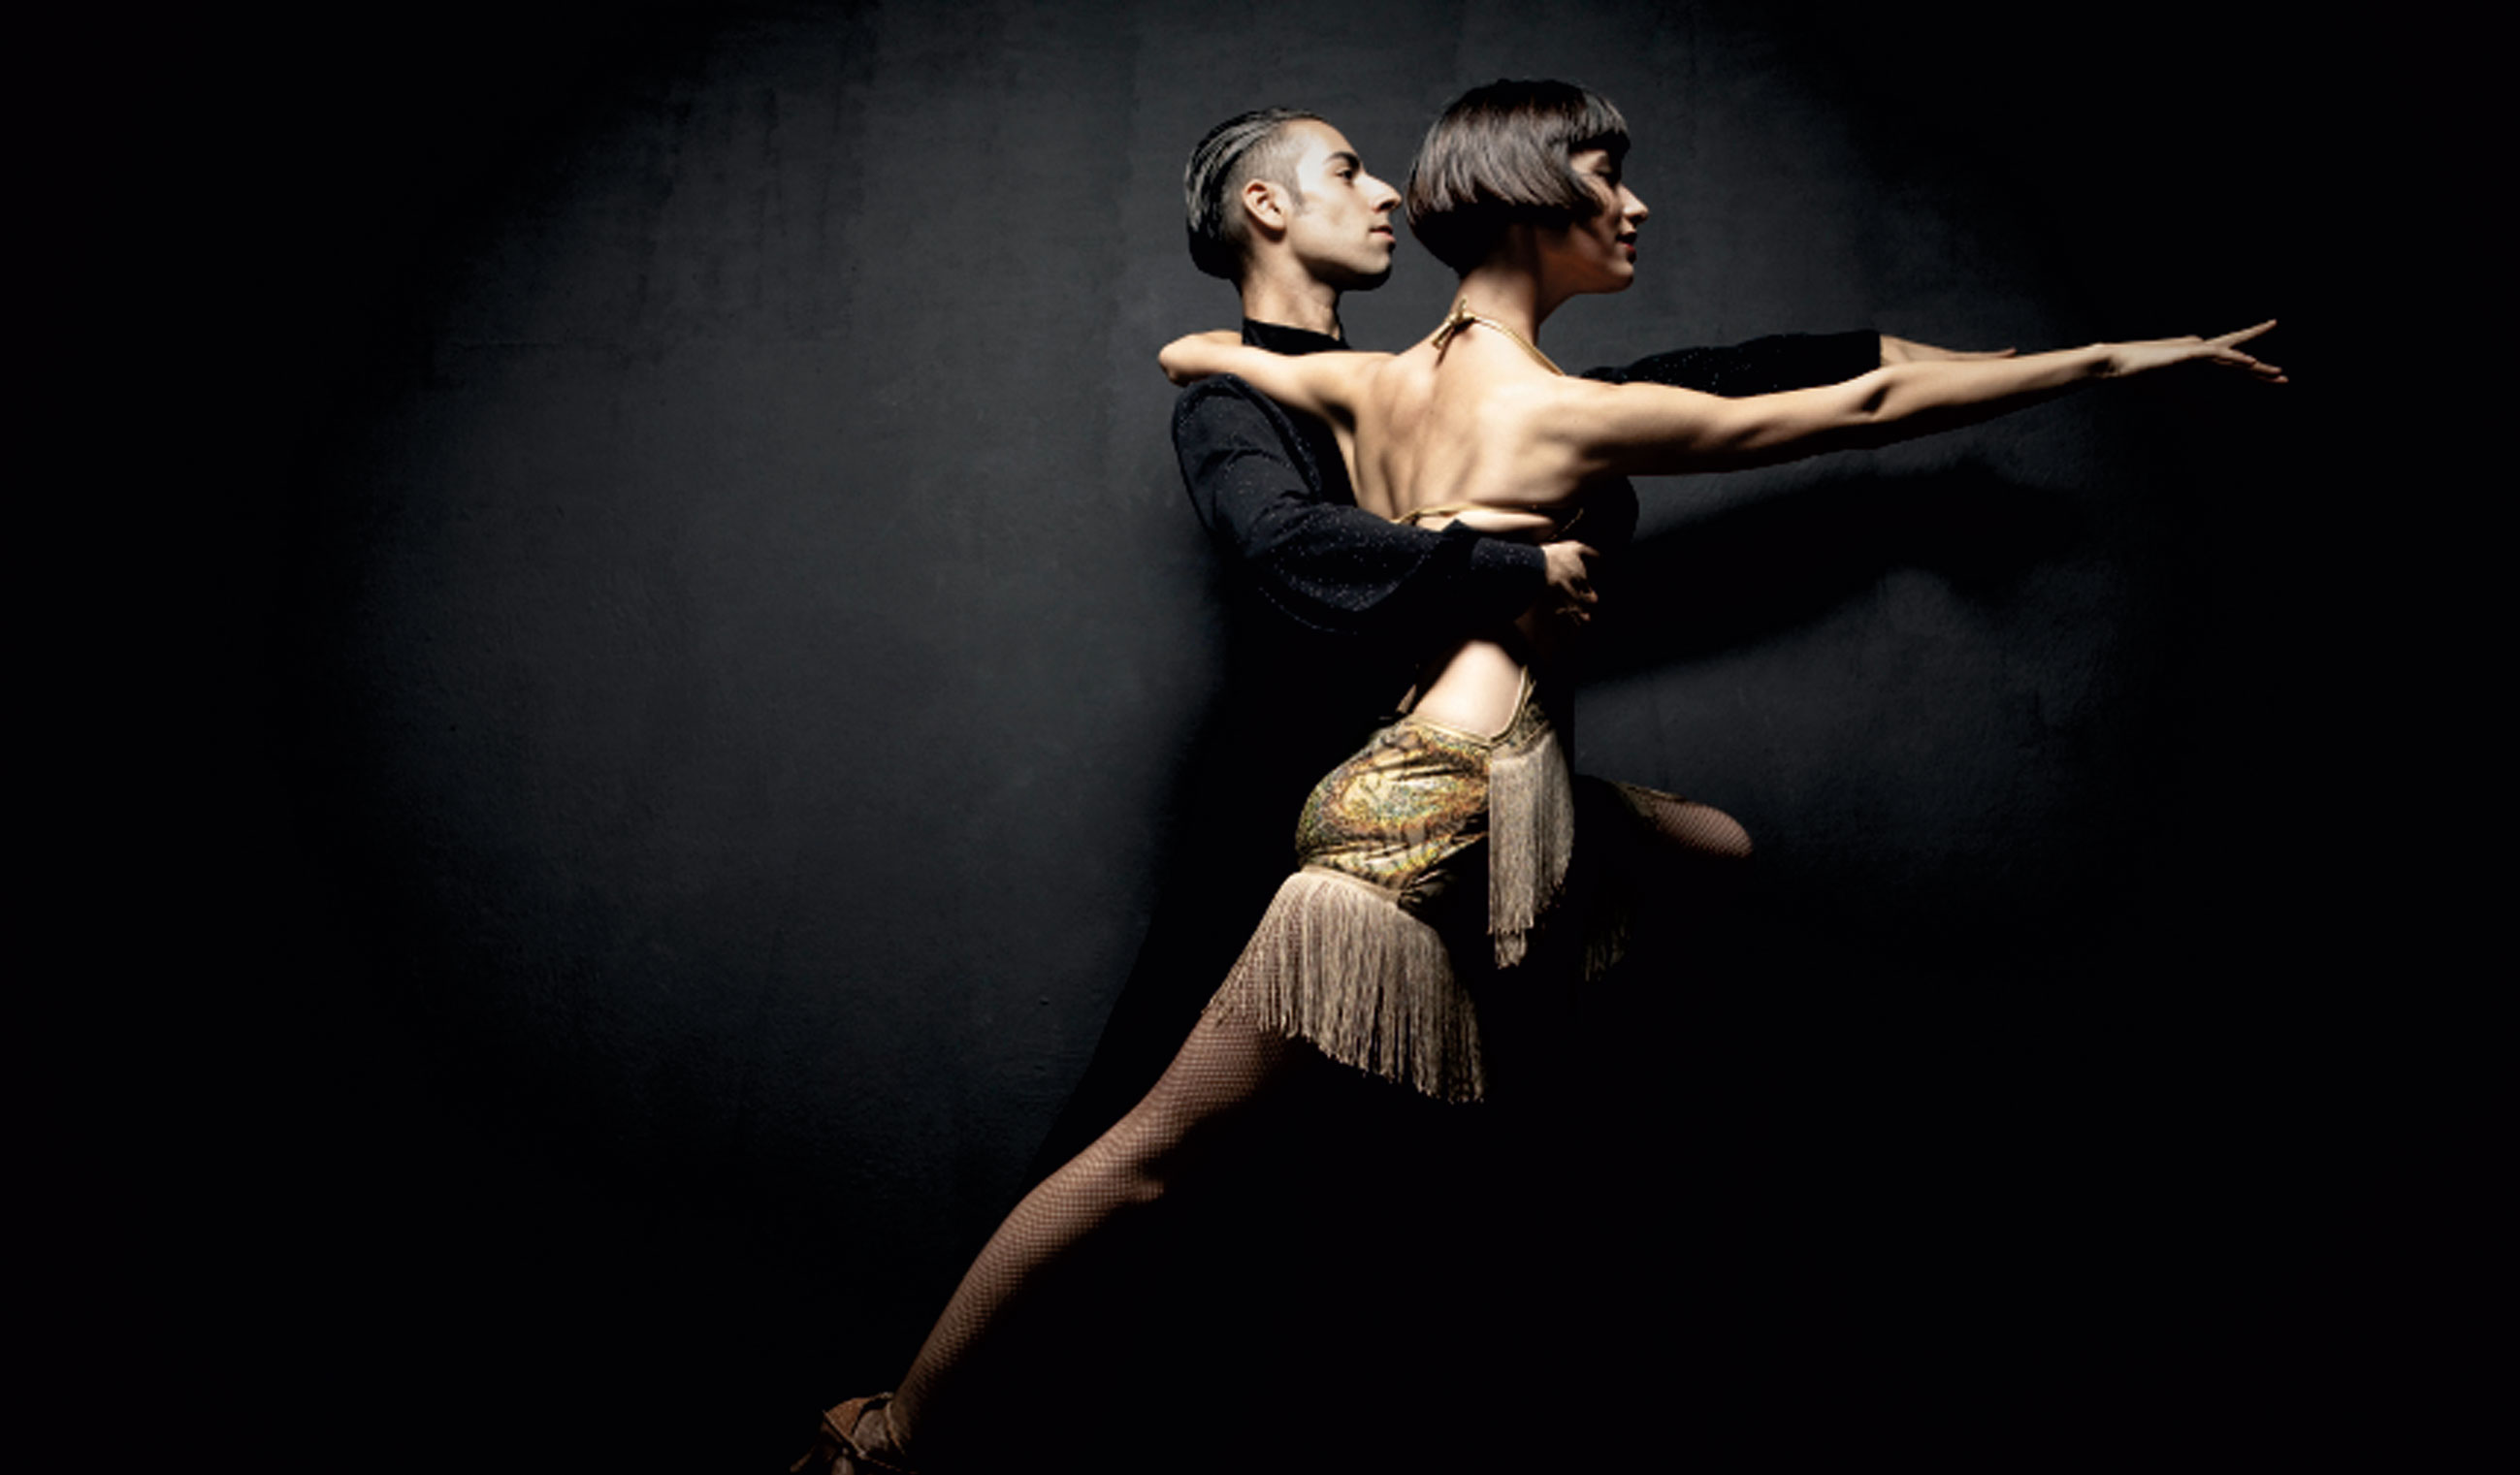 tanzschule für singles wien)